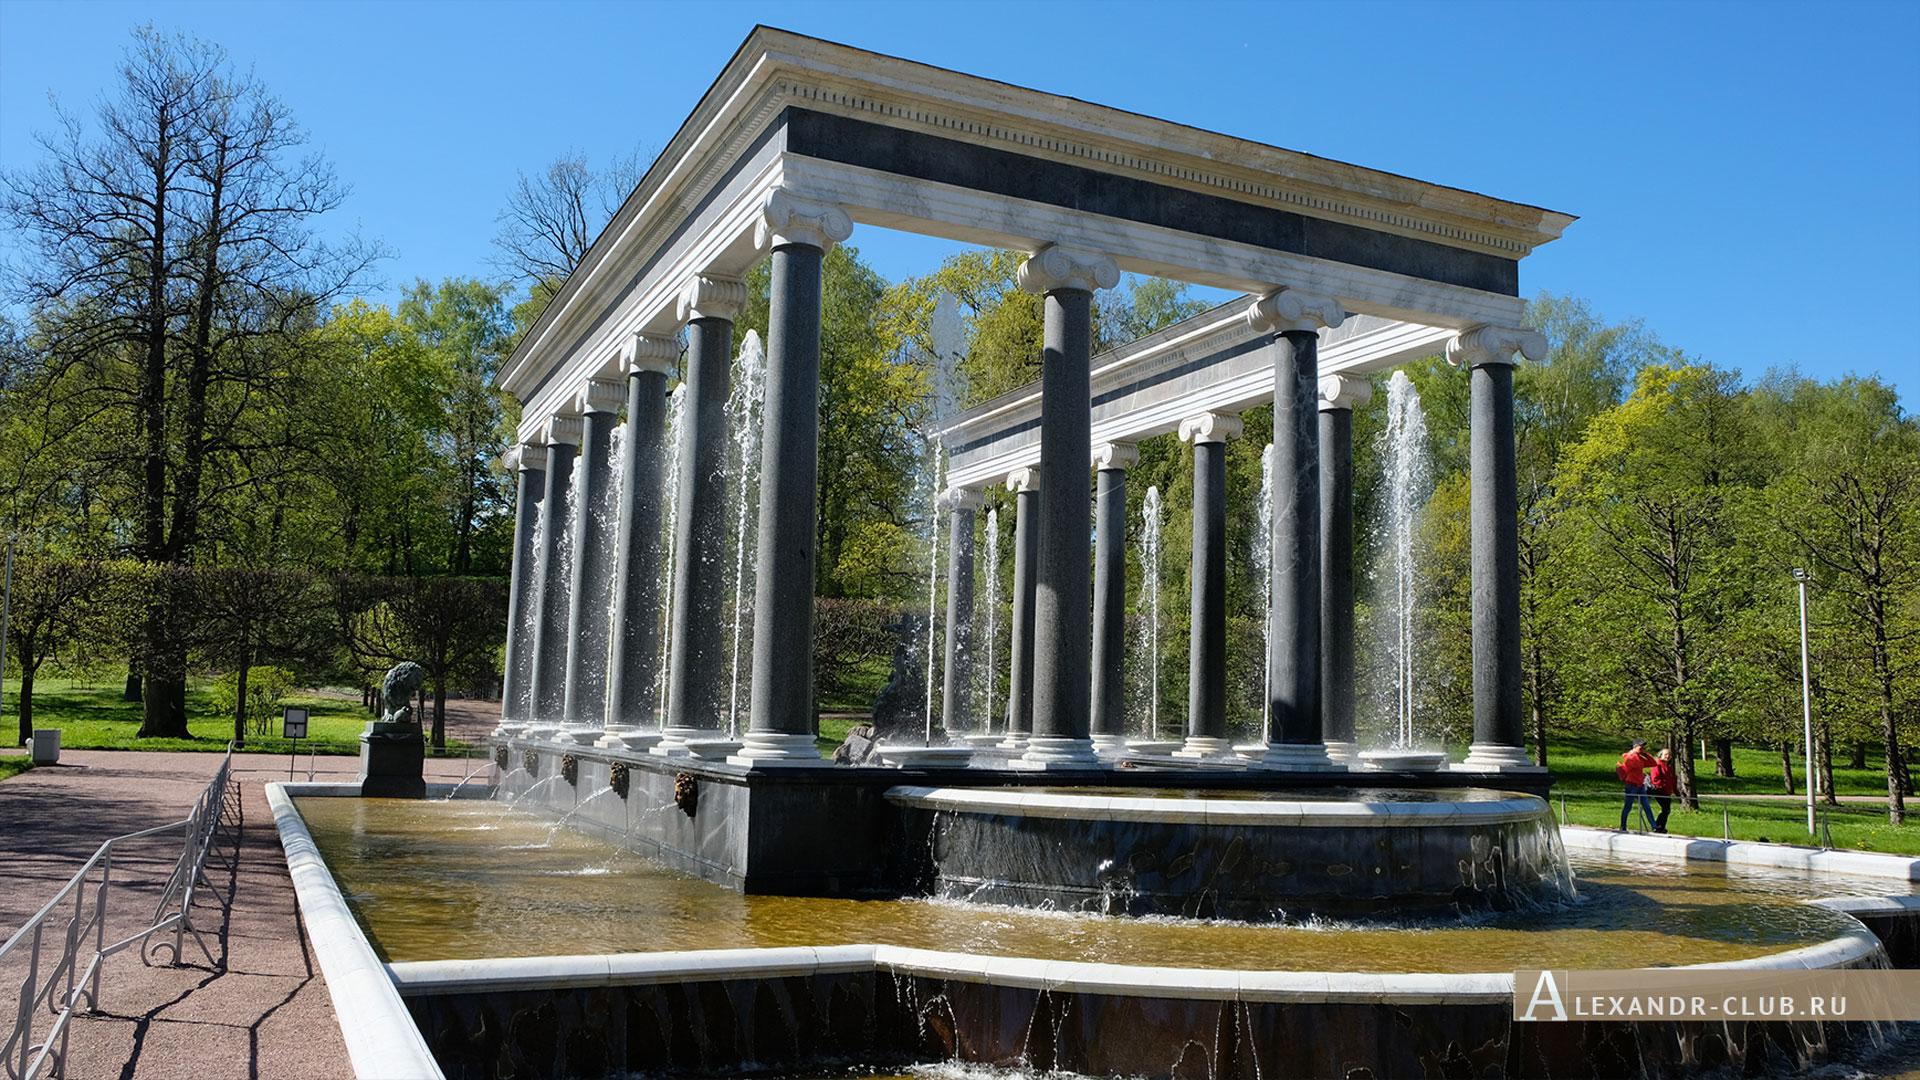 Петергоф, весна, Нижний парк, фонтан «Львиный каскад»